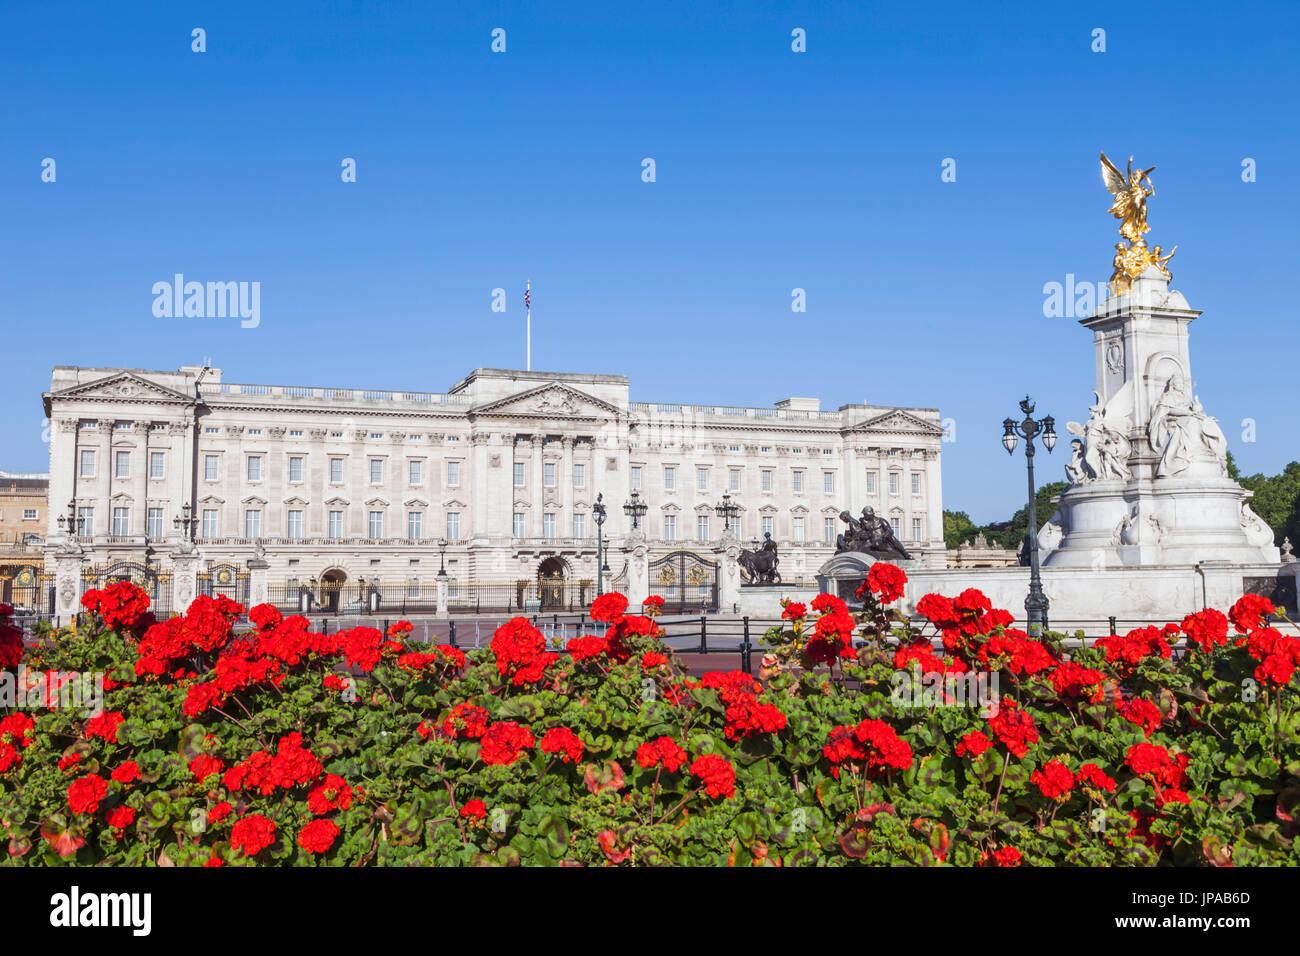 England, London, Buckingham Palace - Stock Image